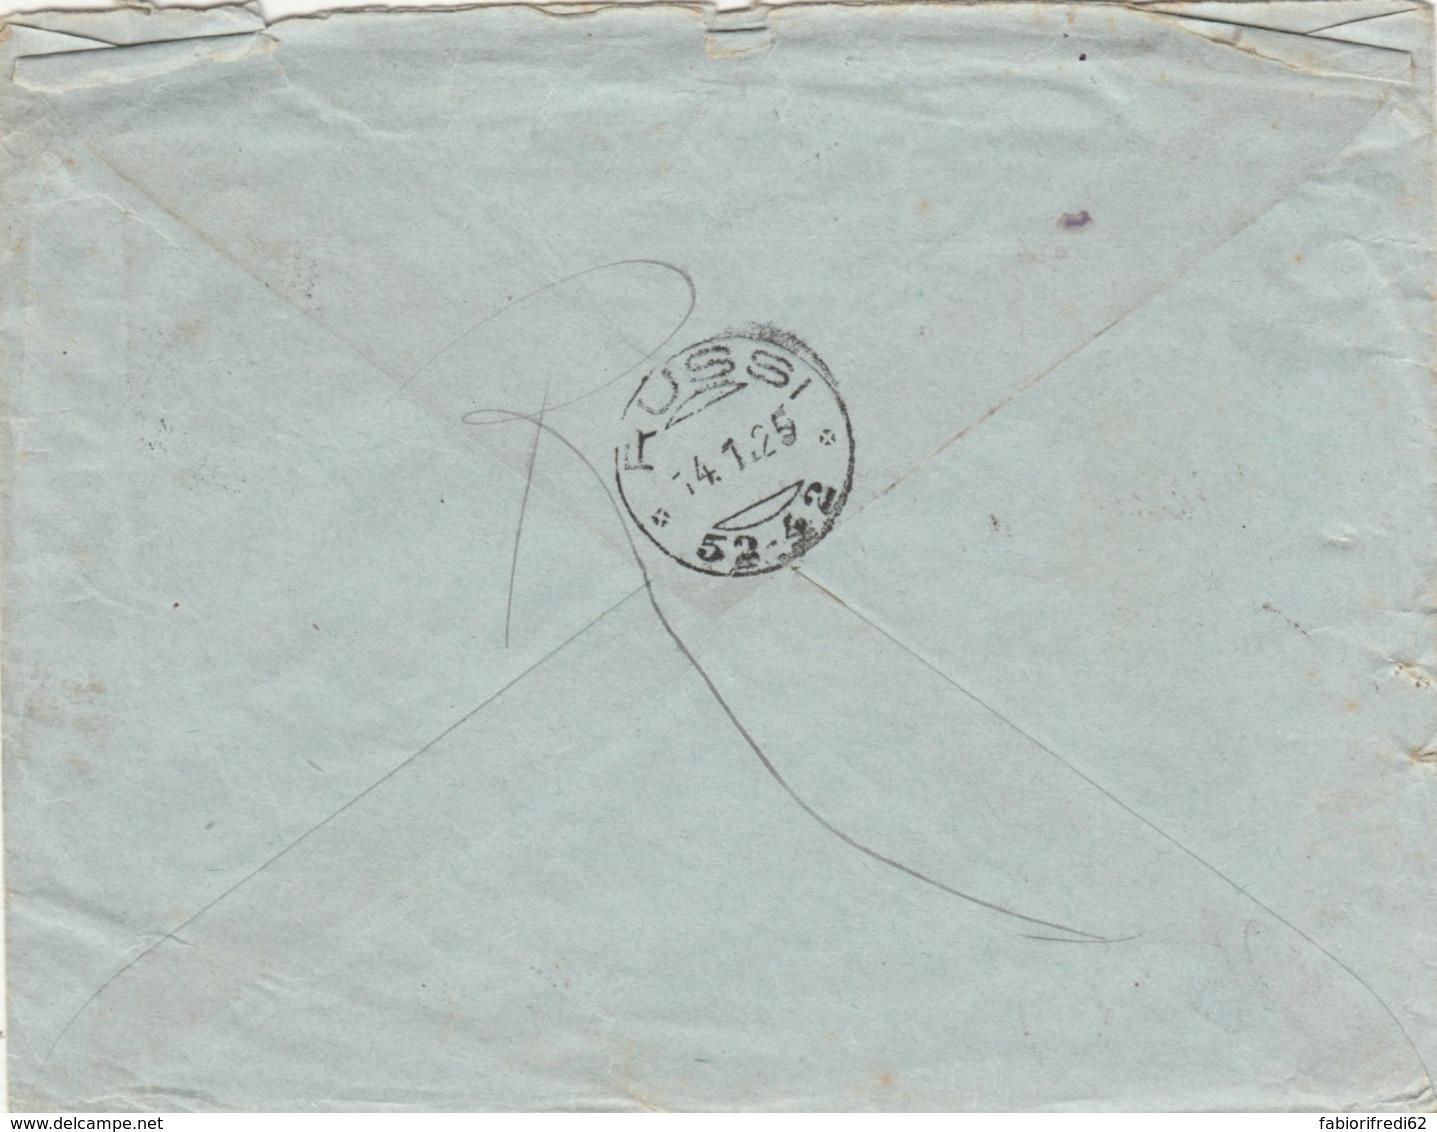 LETTERA 1925 50 C. PERFIN MERCHESETTI TIMBRO VERONA RUSSI (IX1186 - Storia Postale